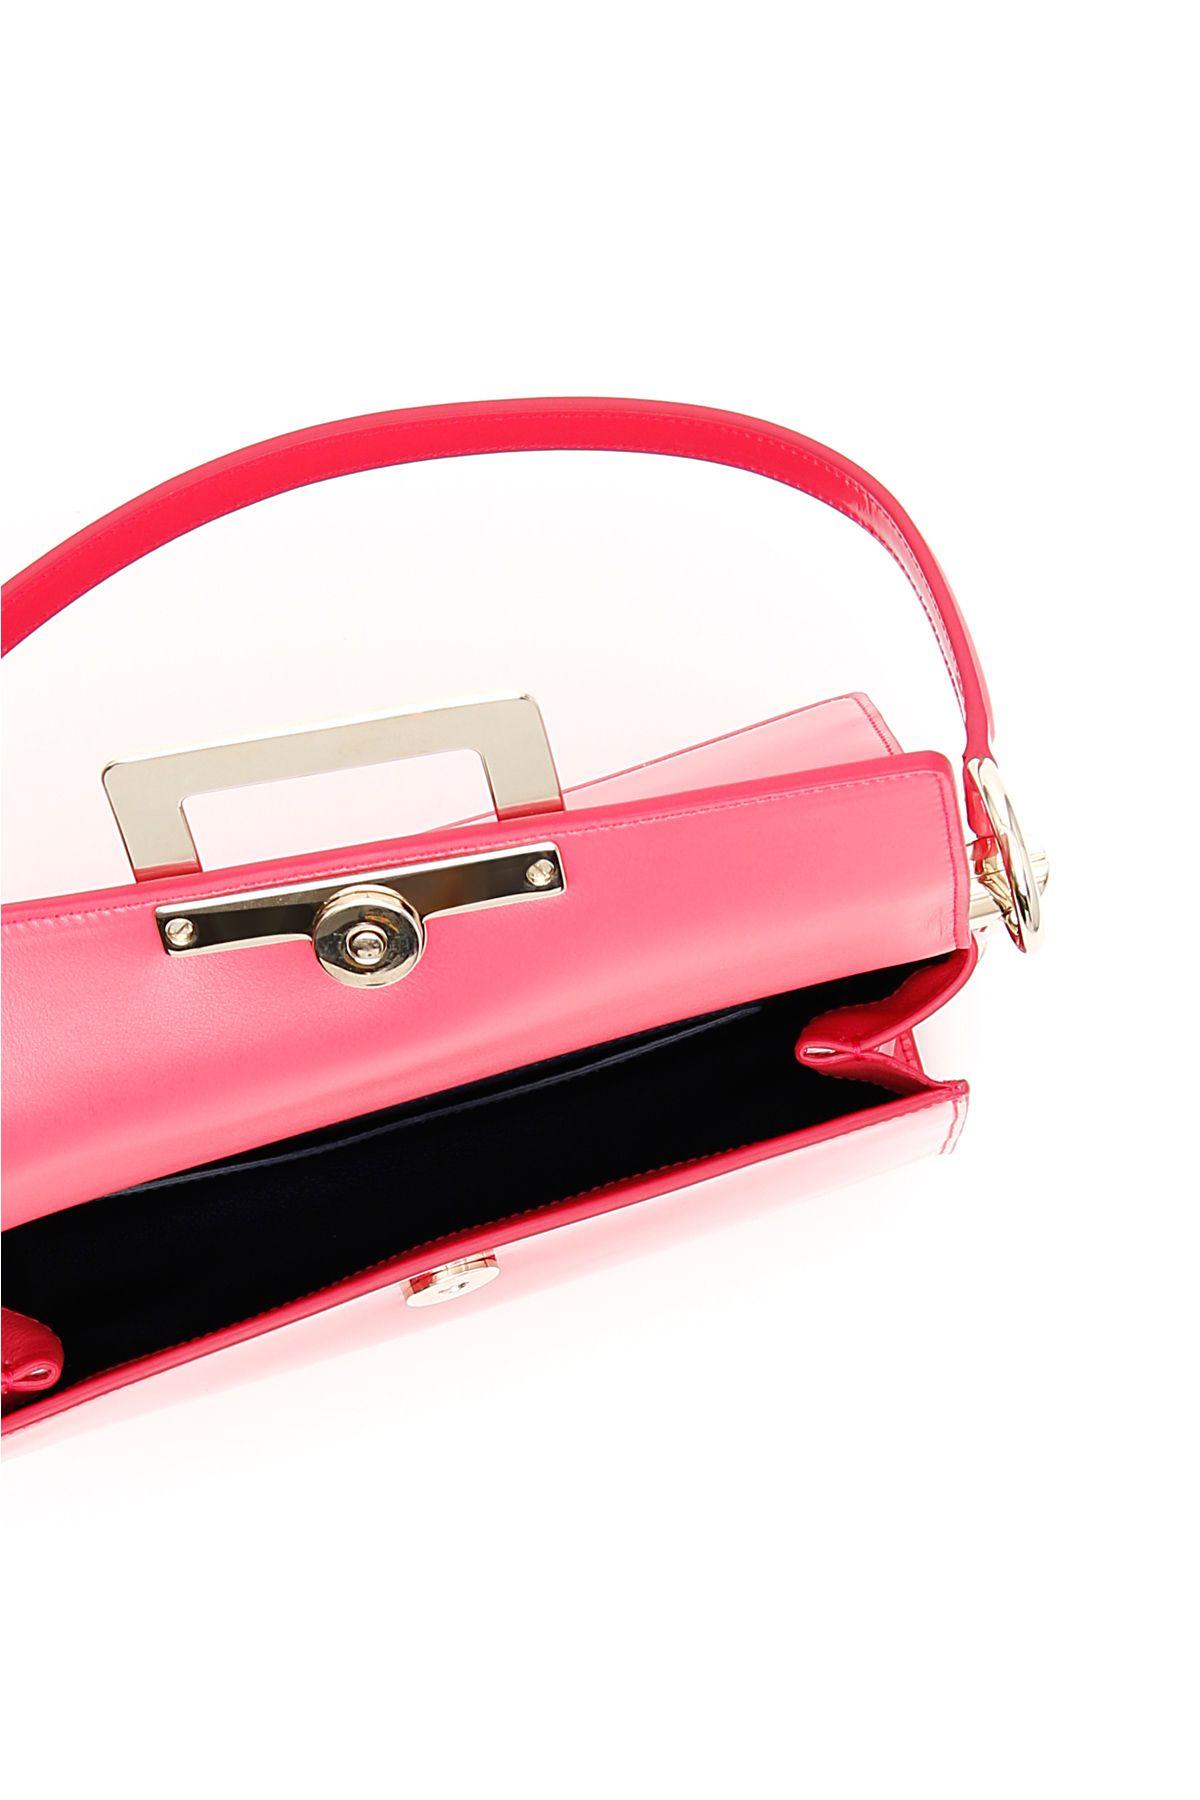 23d0ff4eb84a ... Roger Vivier Miss Viv Carré Small Bag - ROSA ALTEA